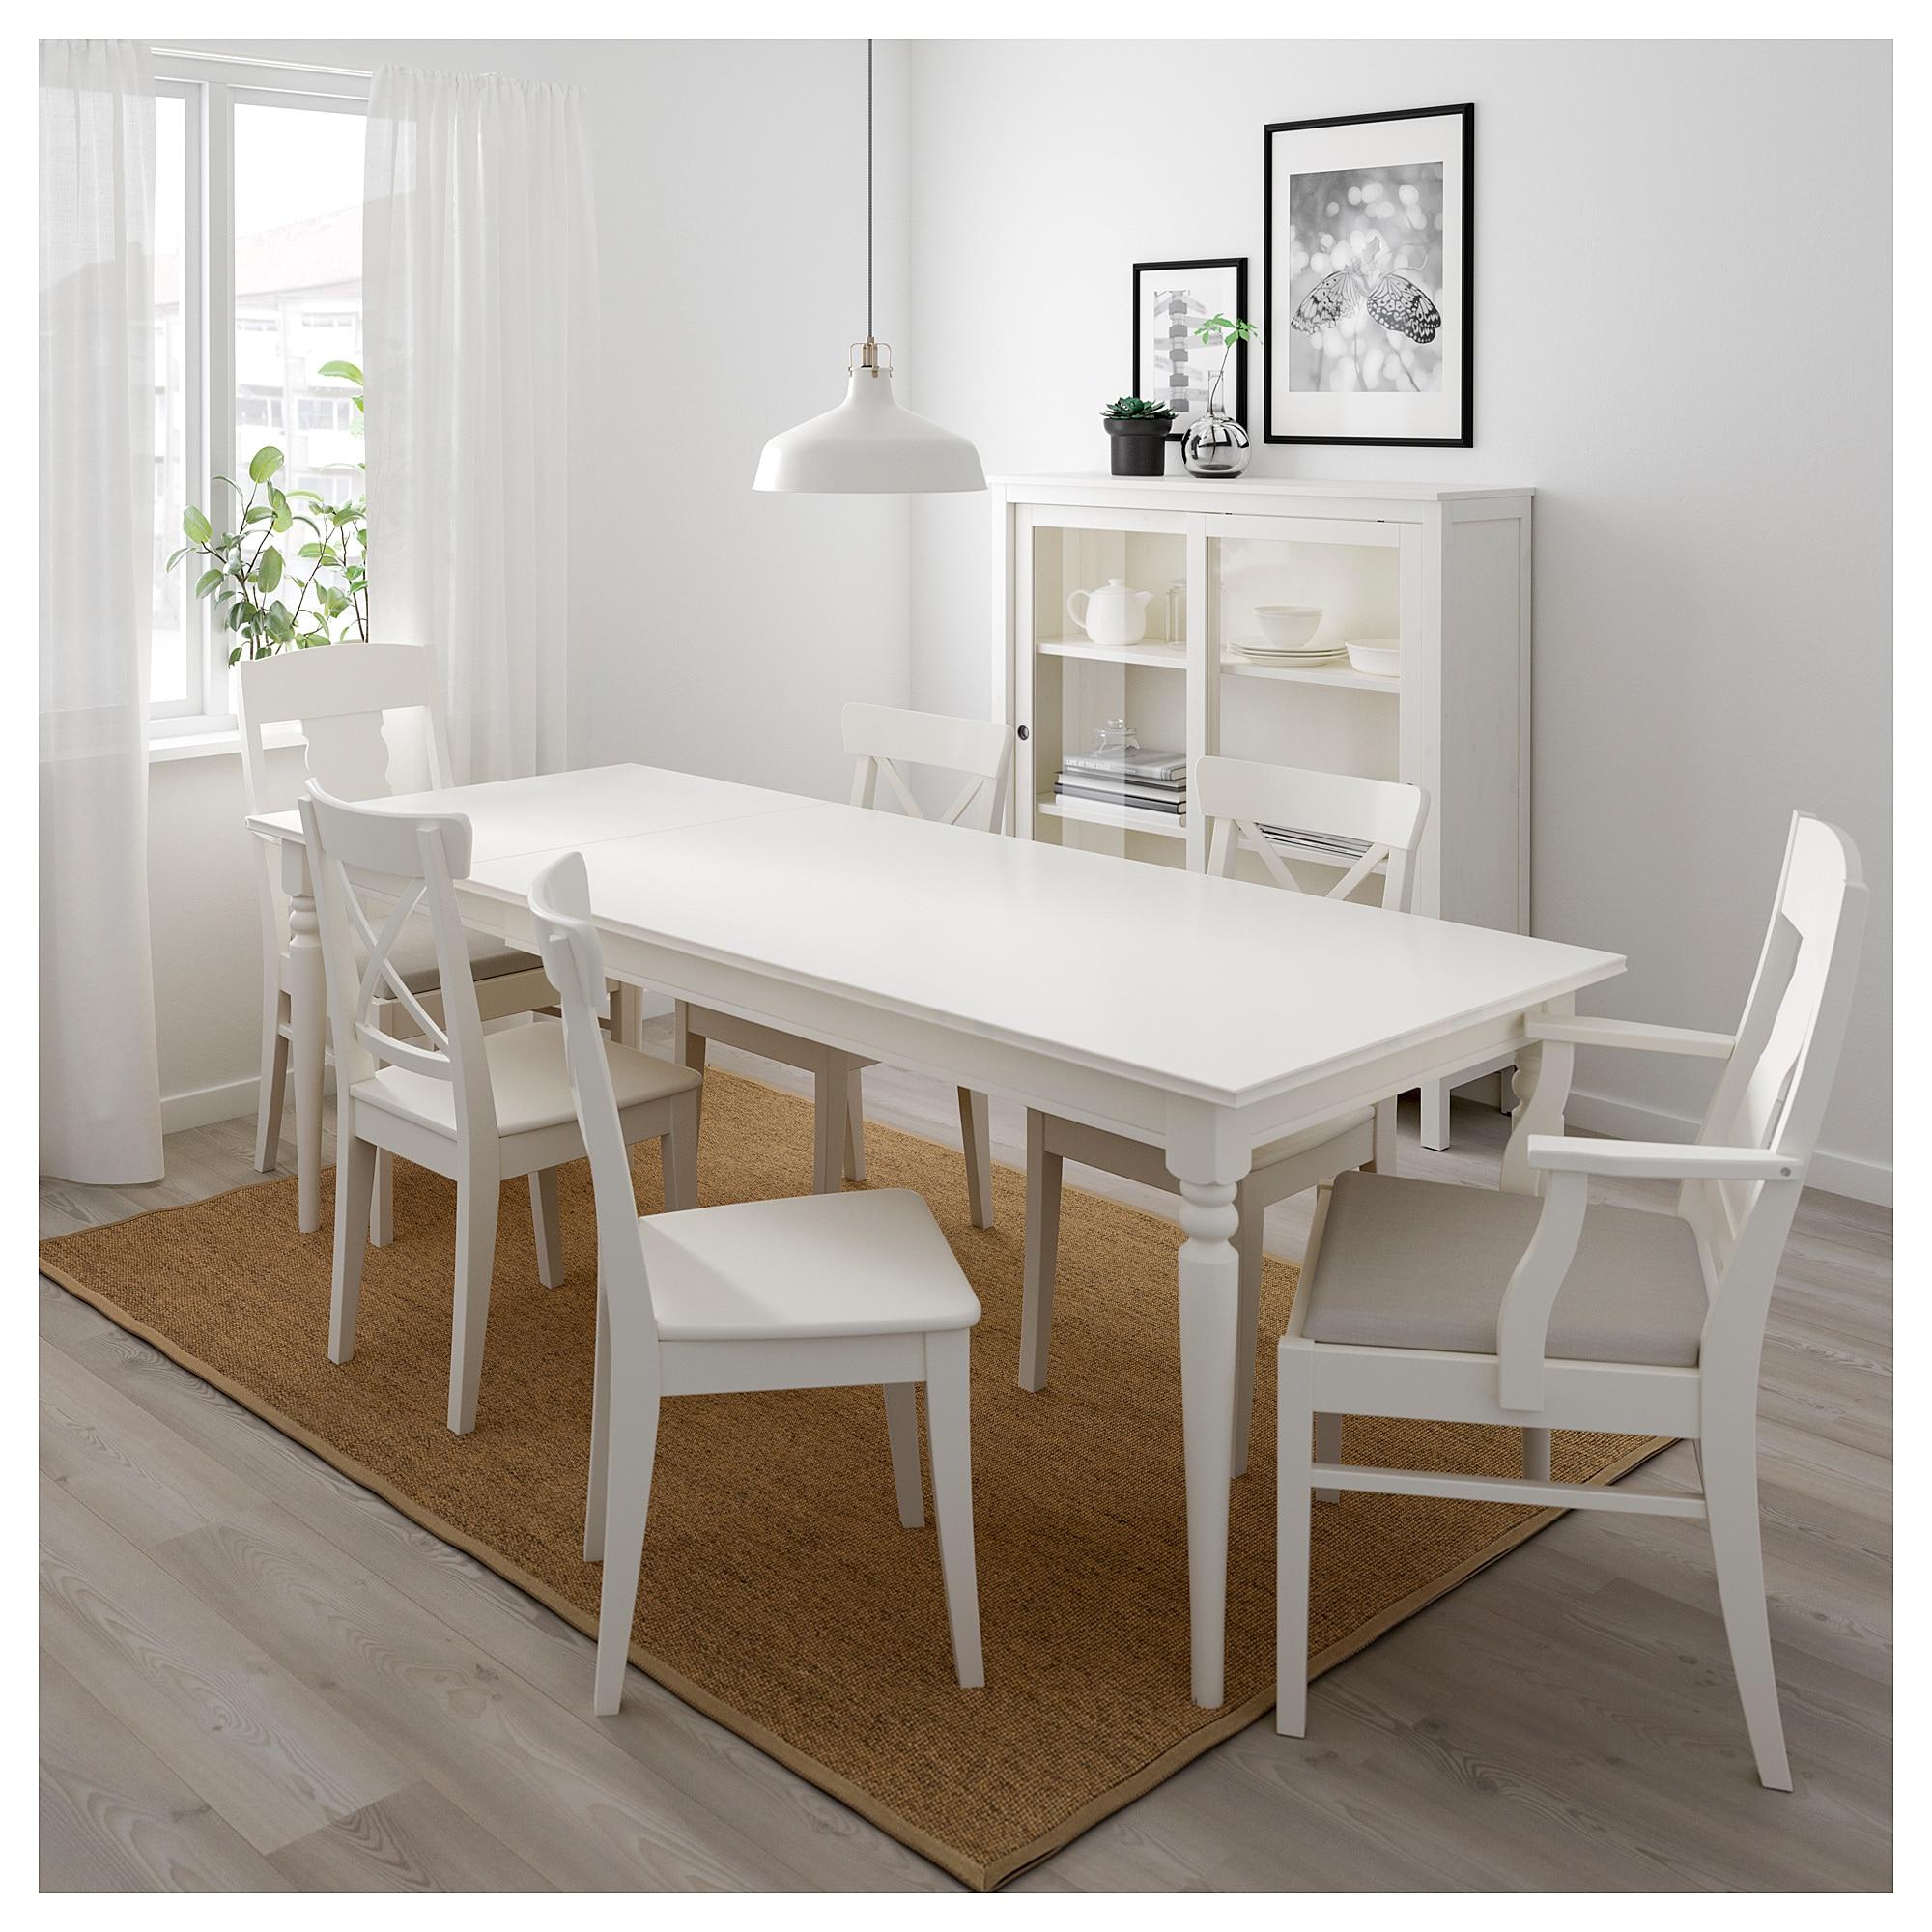 предстала кухонные столы из икеа отзывы с фото ладно, решили мы